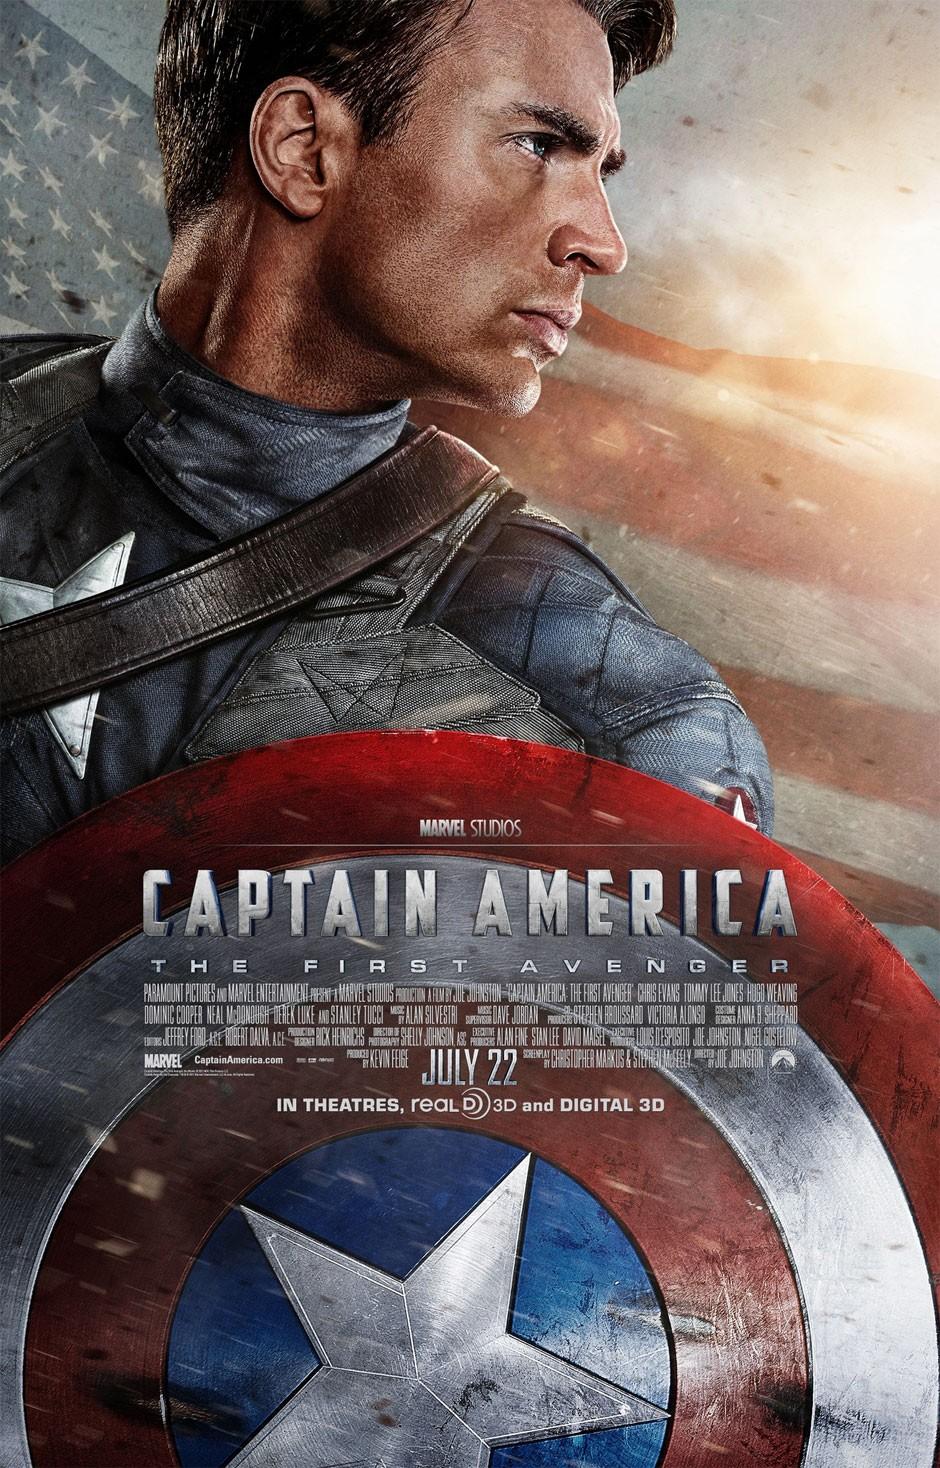 Captain america the first avenger 2011 - I